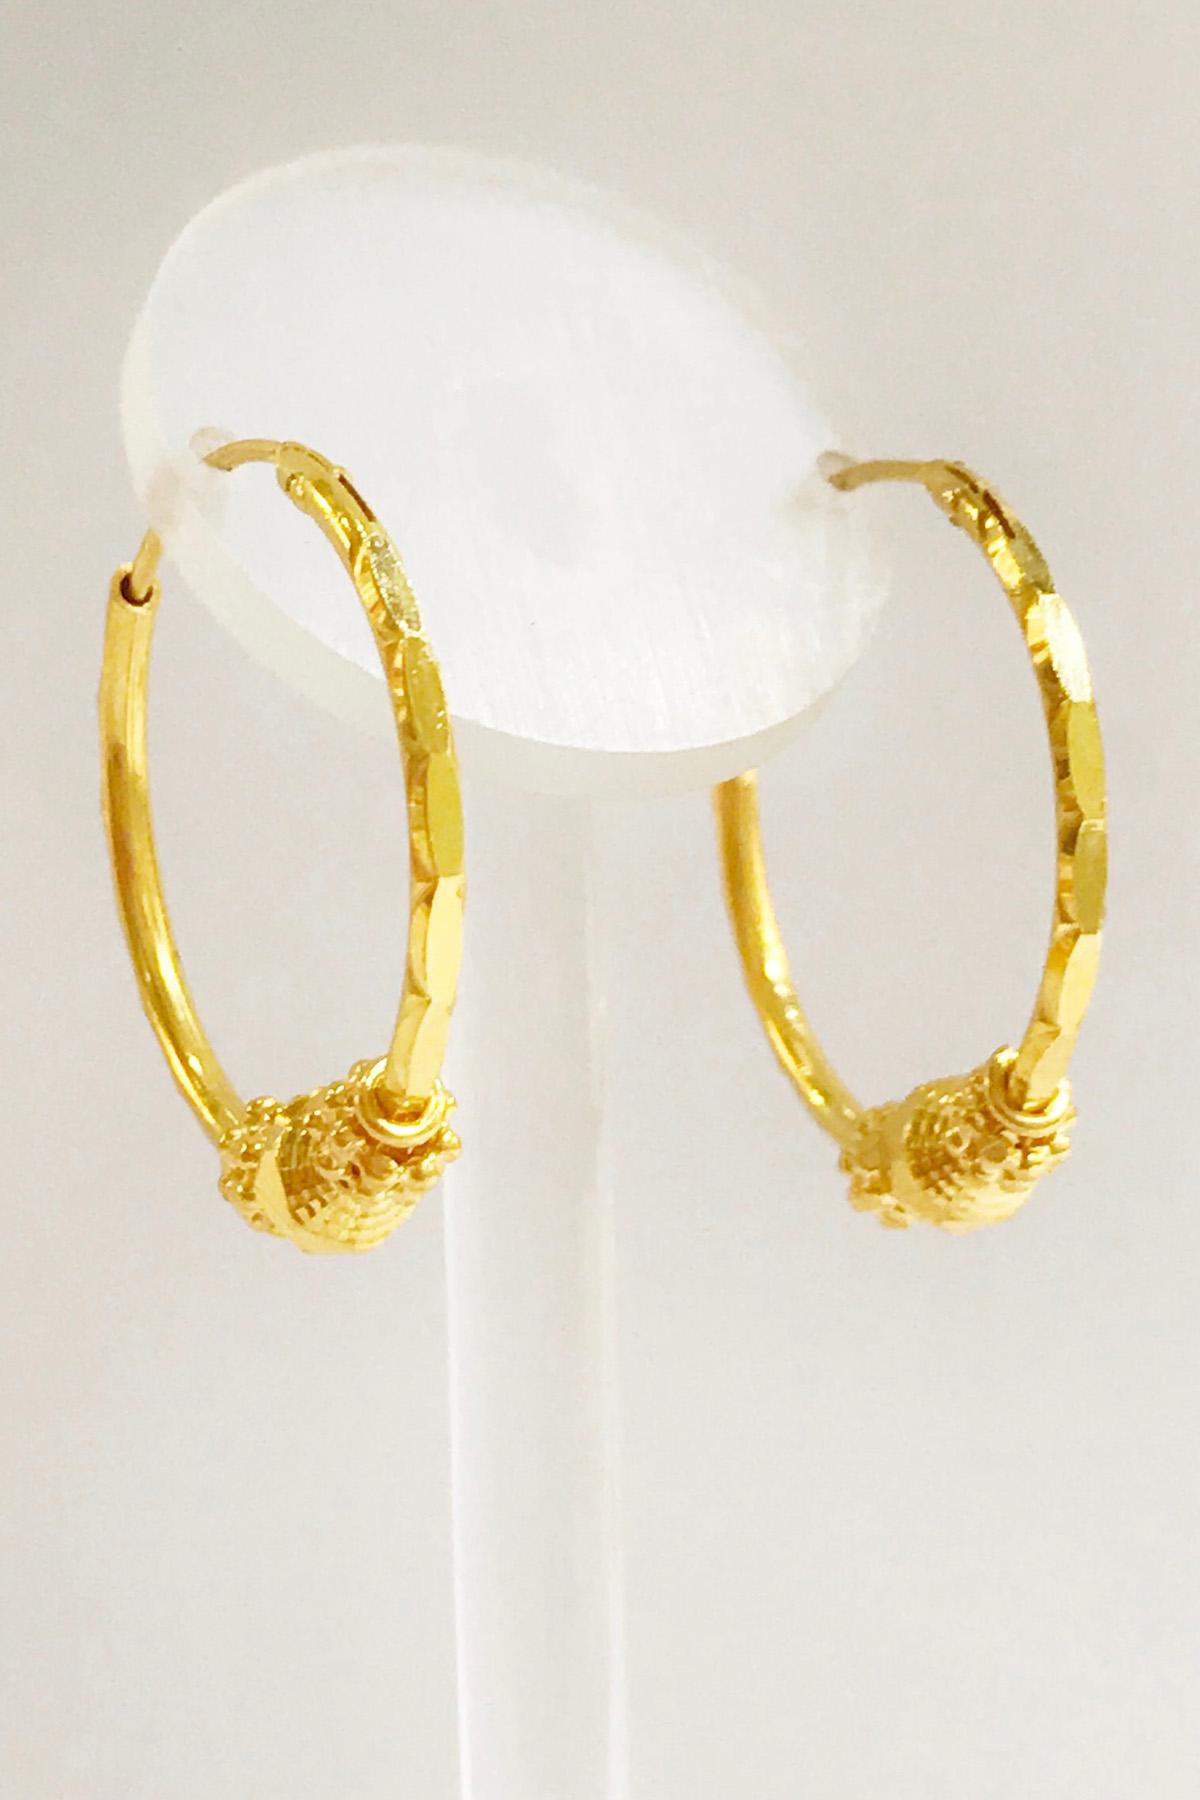 eliz earrings - jayann jewelry